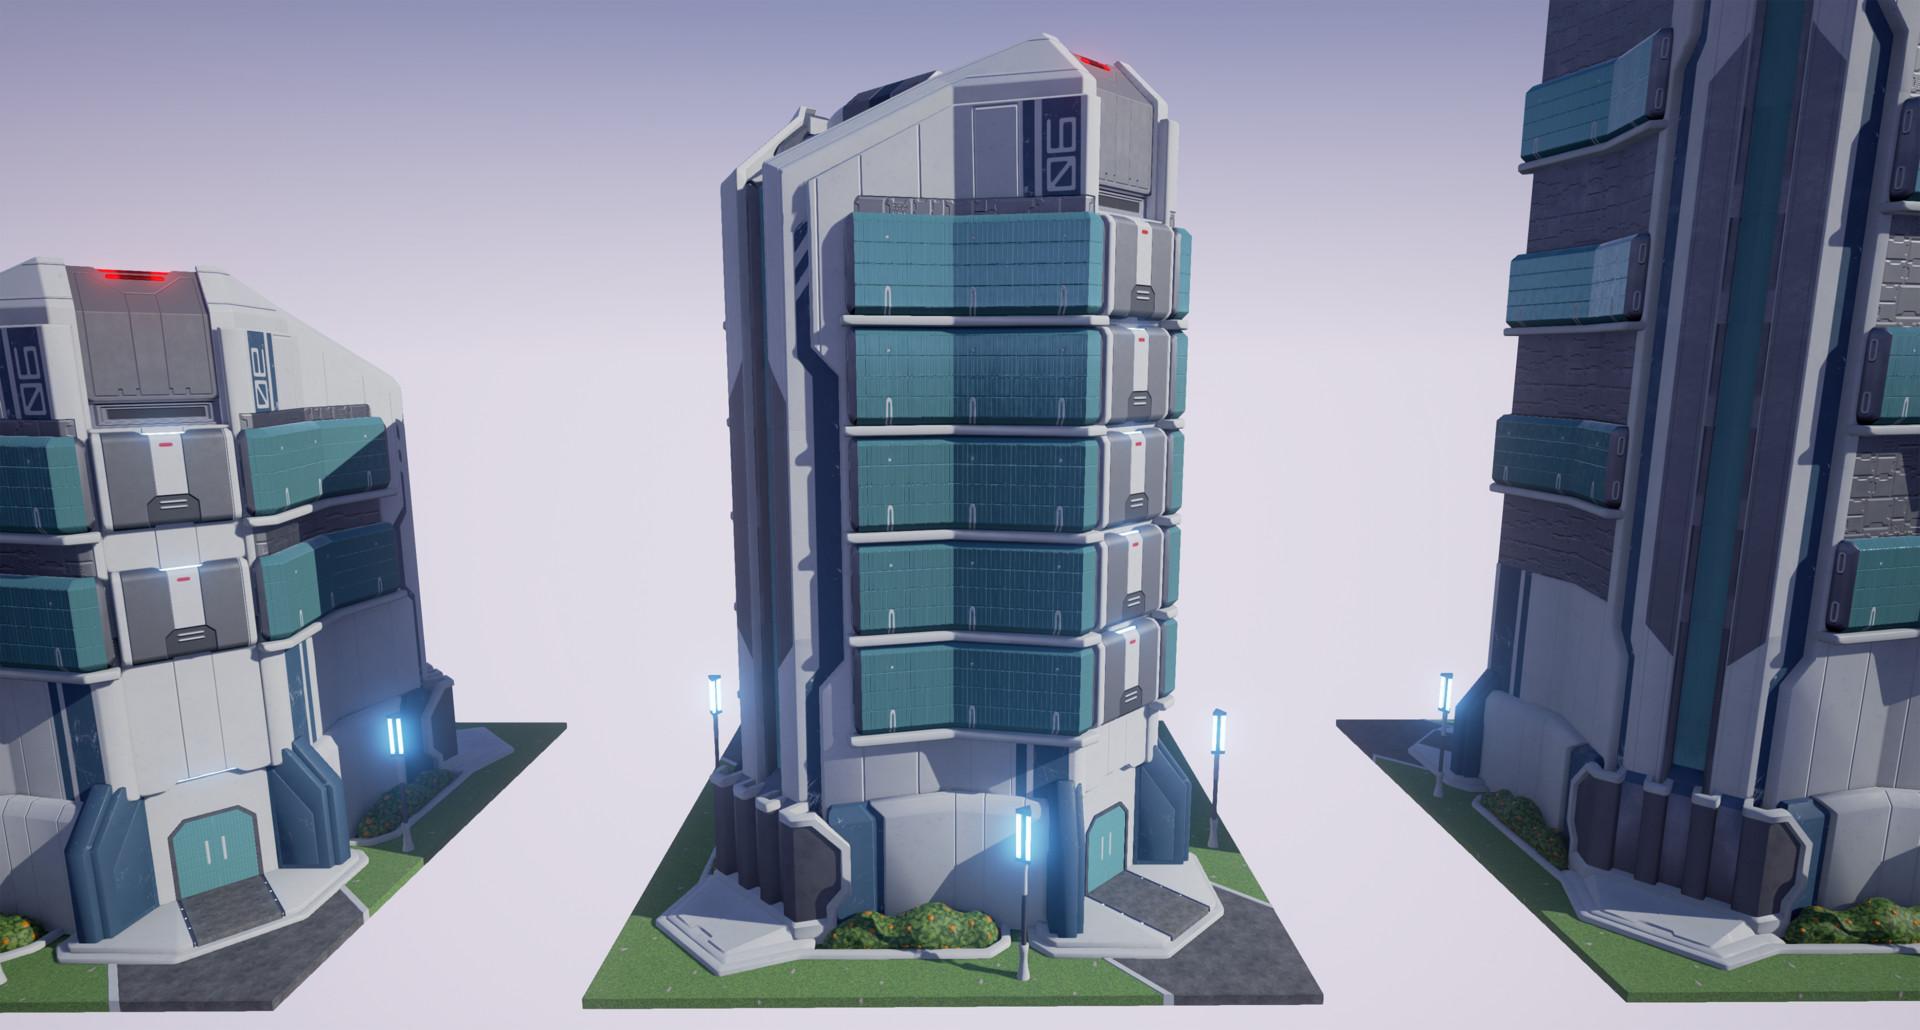 Sebastian vomvas building 1